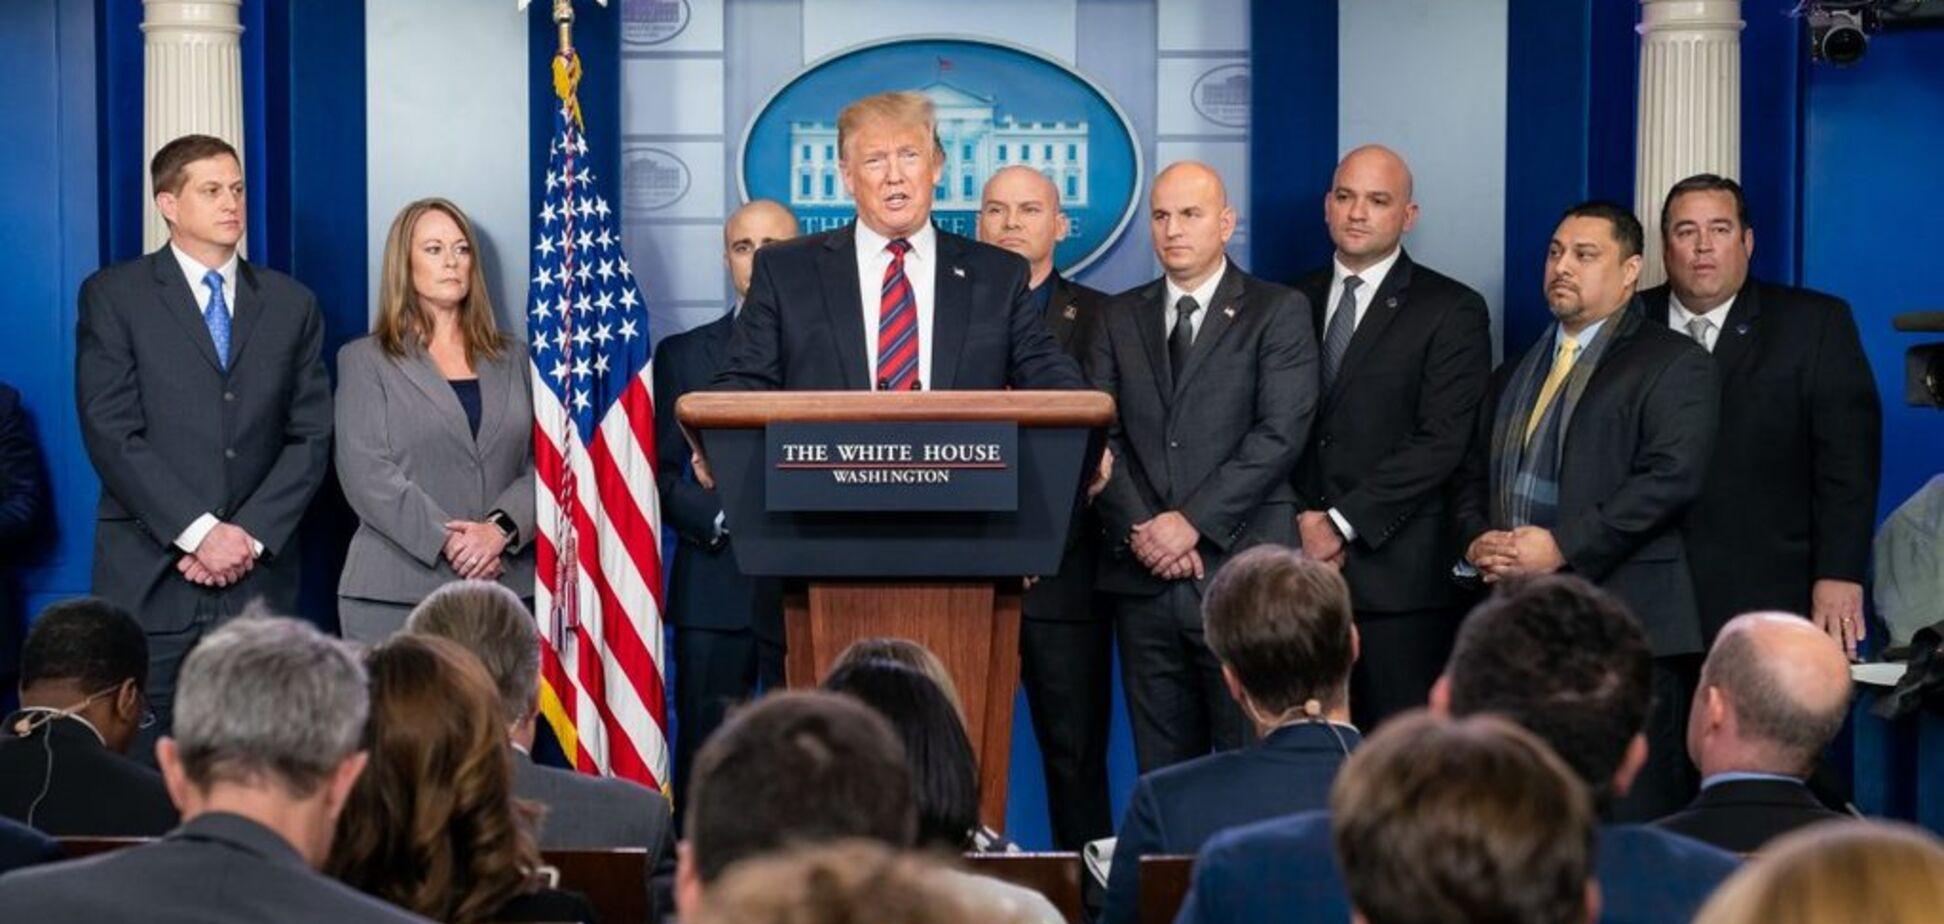 США грозит чрезвычайное положение из-за Трампа-диктатора: что случилось